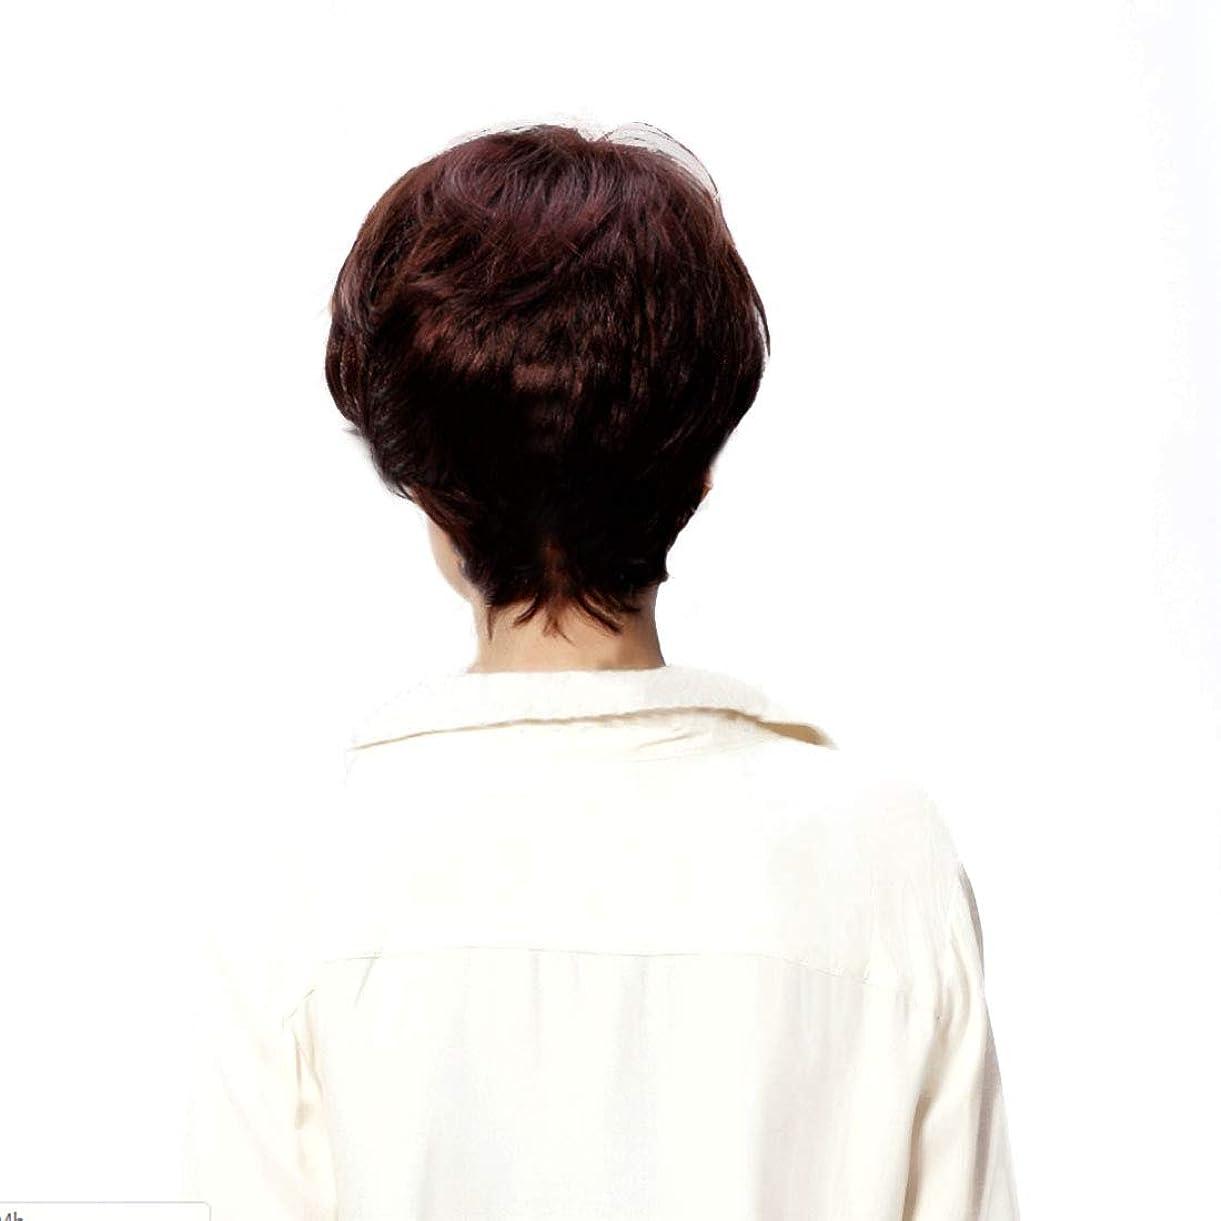 勧告メロドラマなすYrattary 10インチ/ 12インチ短波ゴールドかつら女性用カーリー耐熱かつら平らかつら毛髪用白人女性180 gファッションかつら (サイズ : 12inch)